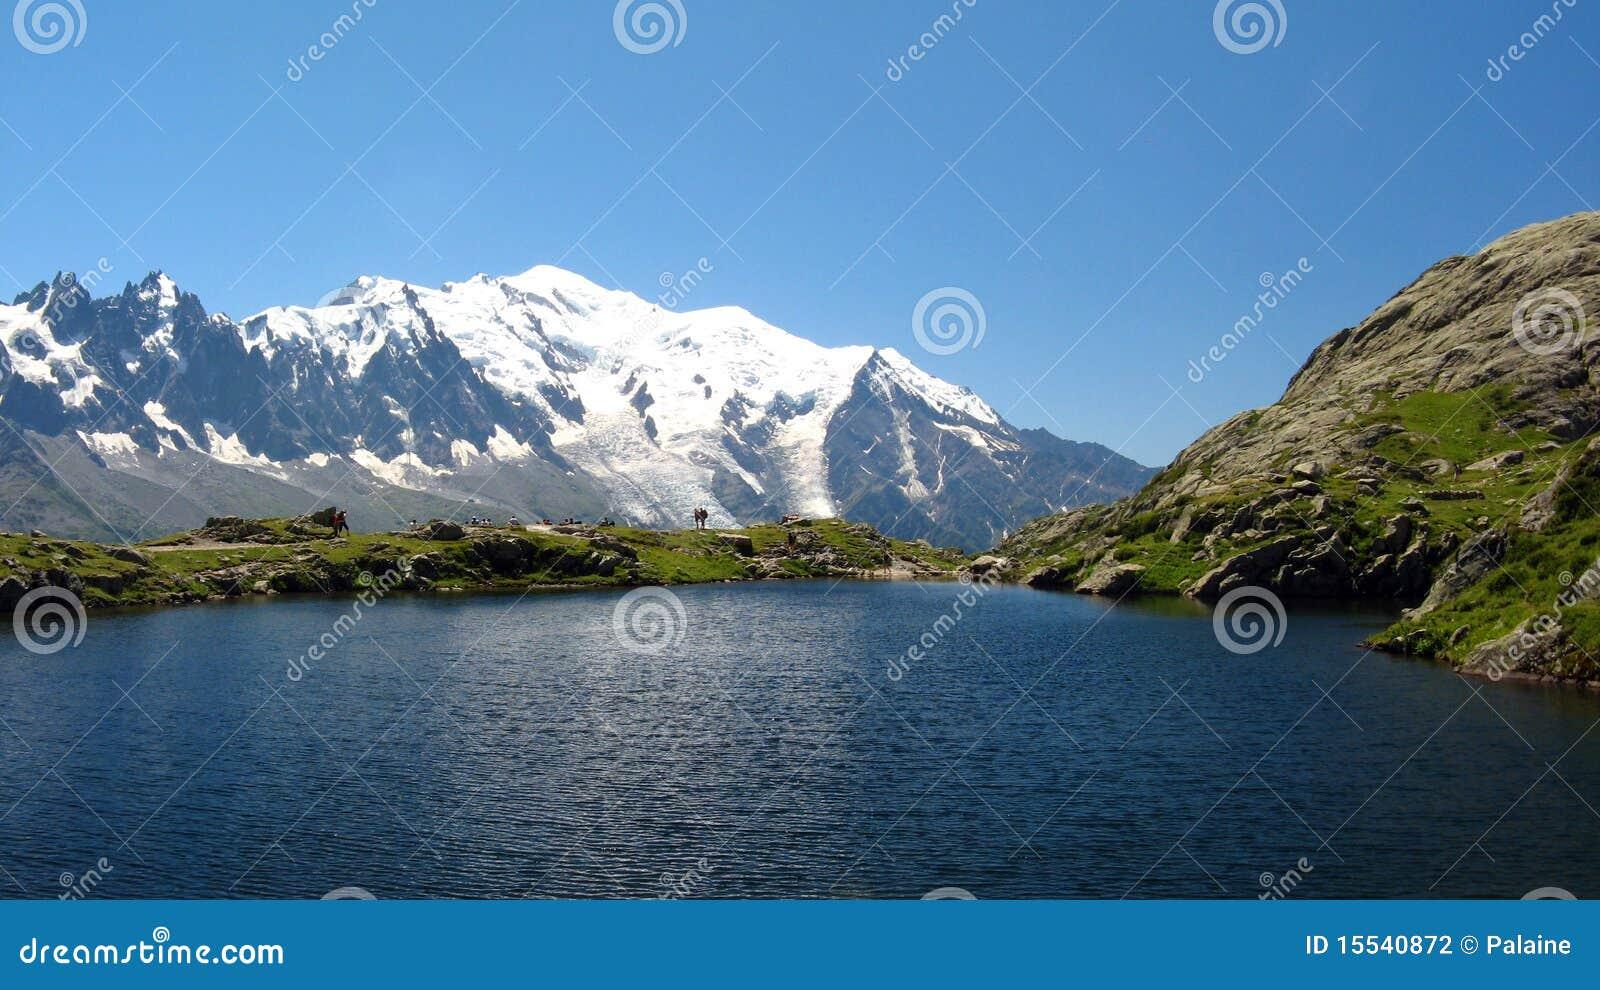 Lakes of haute savoie for Haute savoie